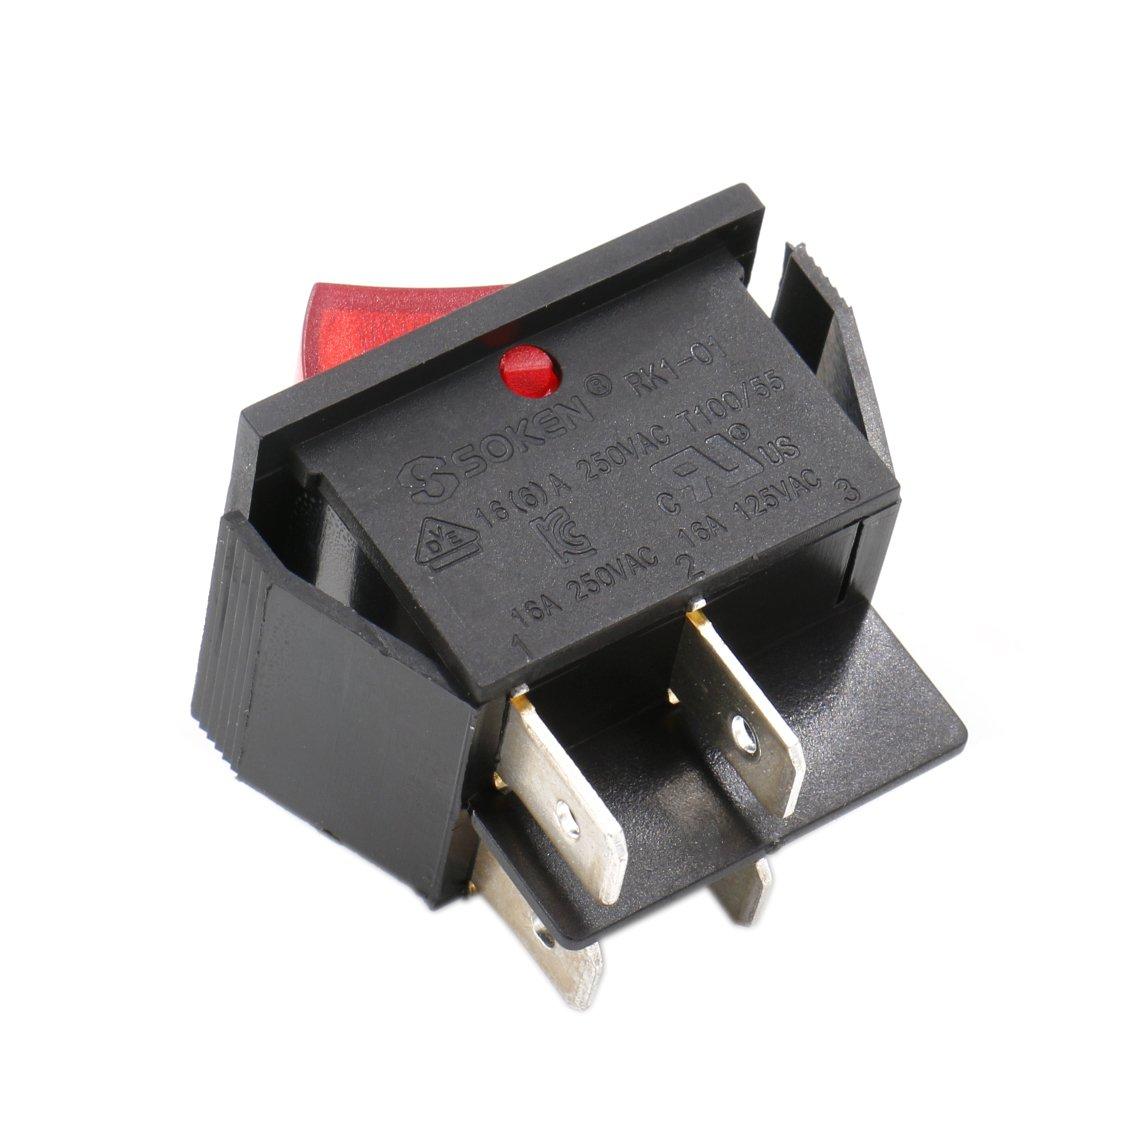 luz roja 2/unidades 16/A Interruptor basculante DPST de encendido y apagado 4/terminales Heschen 250/V CA